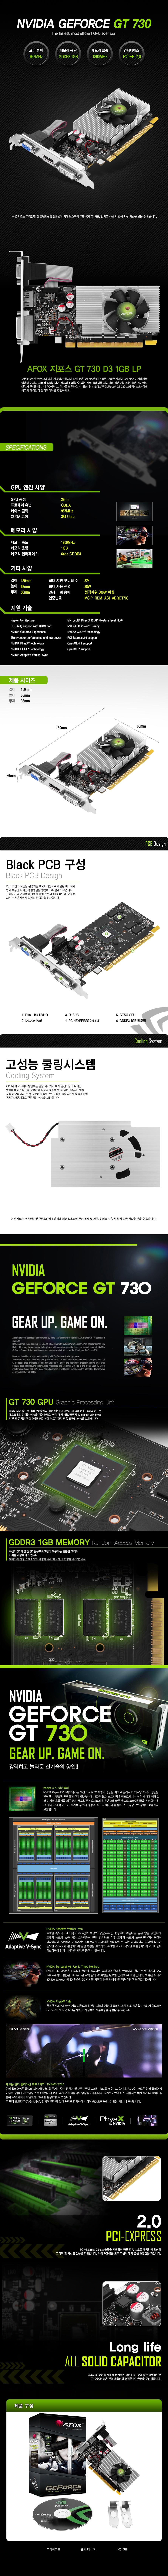 AFOX 지포스 GT730 D3 1GB LP db BOX.jpg